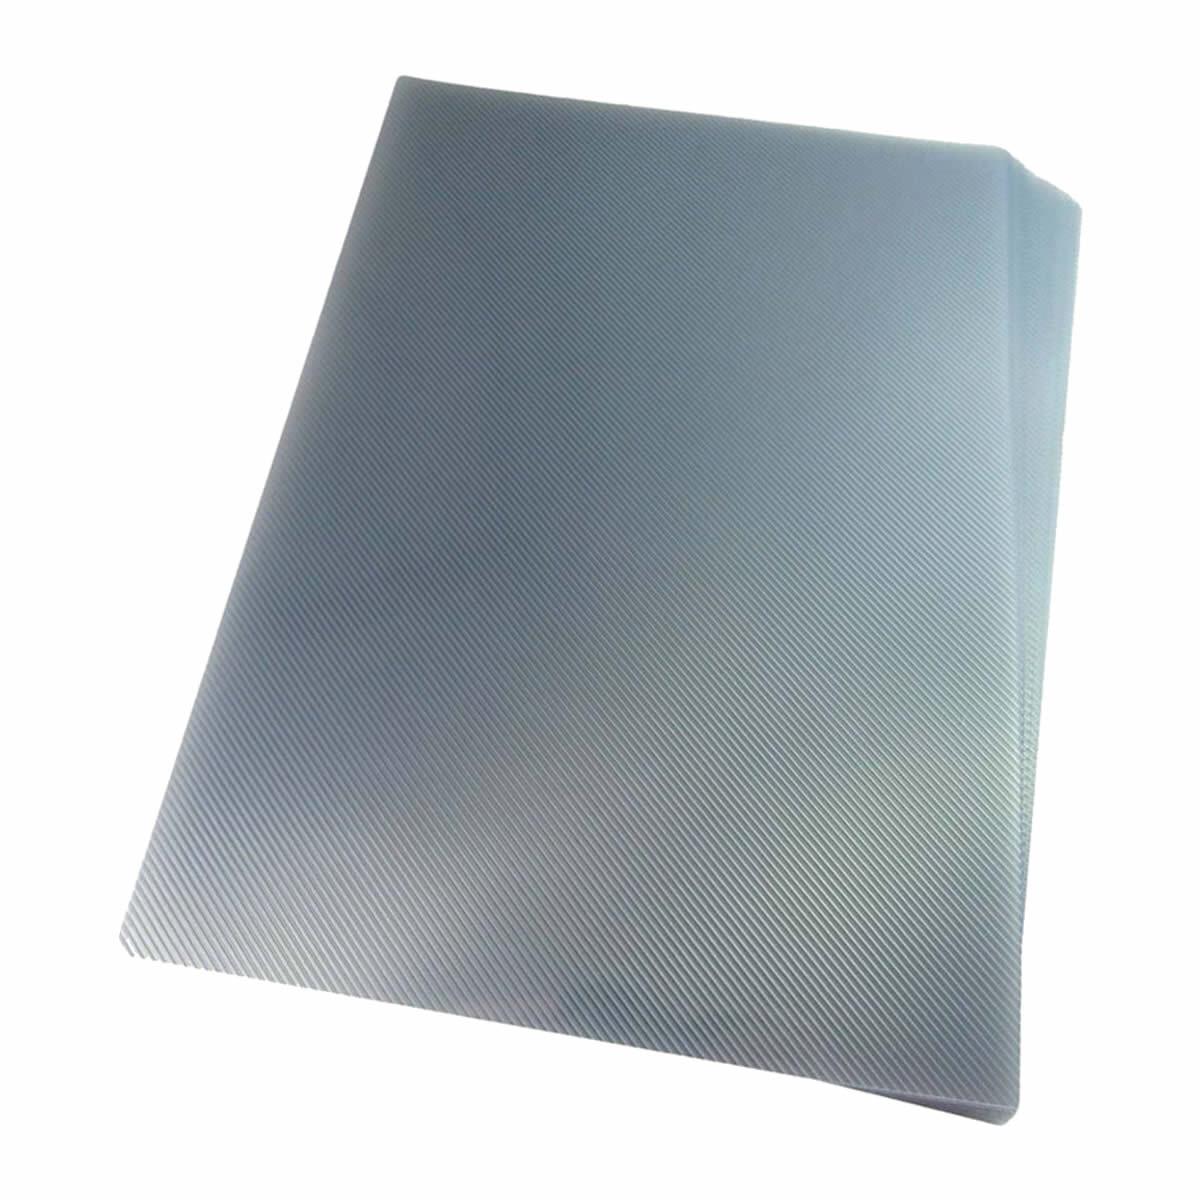 Foto 1 - Capa Para Encadernação Transparente Line A4 PP 0,30 100un